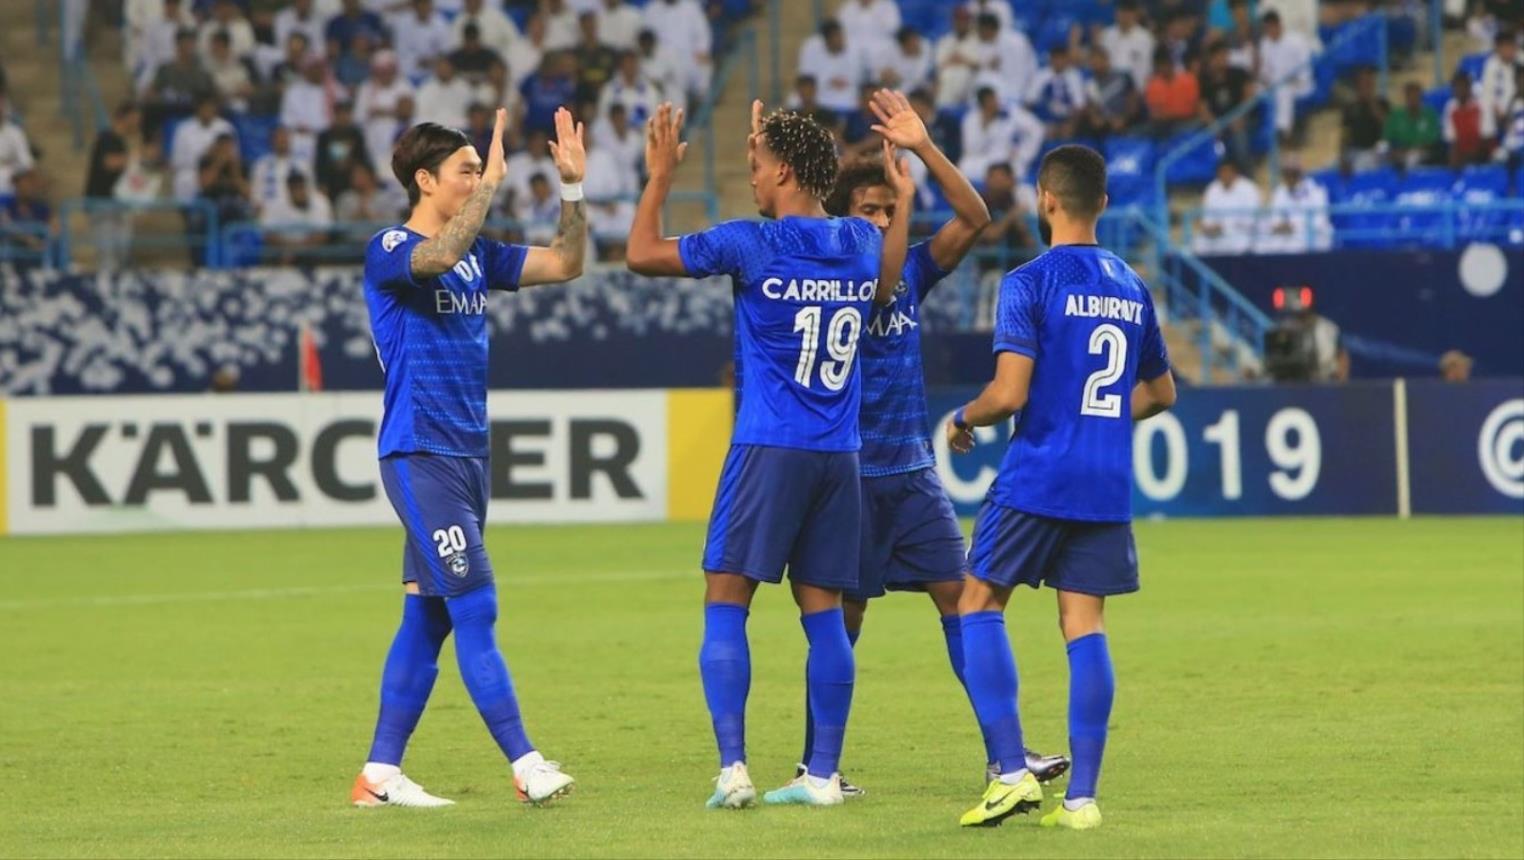 الهلال يضحد قرار منع اللاعبين من الظهور في السوشيال ميديا